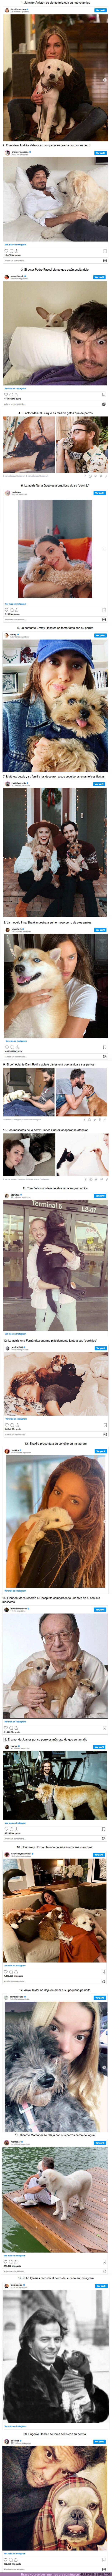 64809 - GALERÍA: 20 Famosos compartieron imágenes en compañía de sus tiernas mascotas en redes sociales (nuevas fotos)